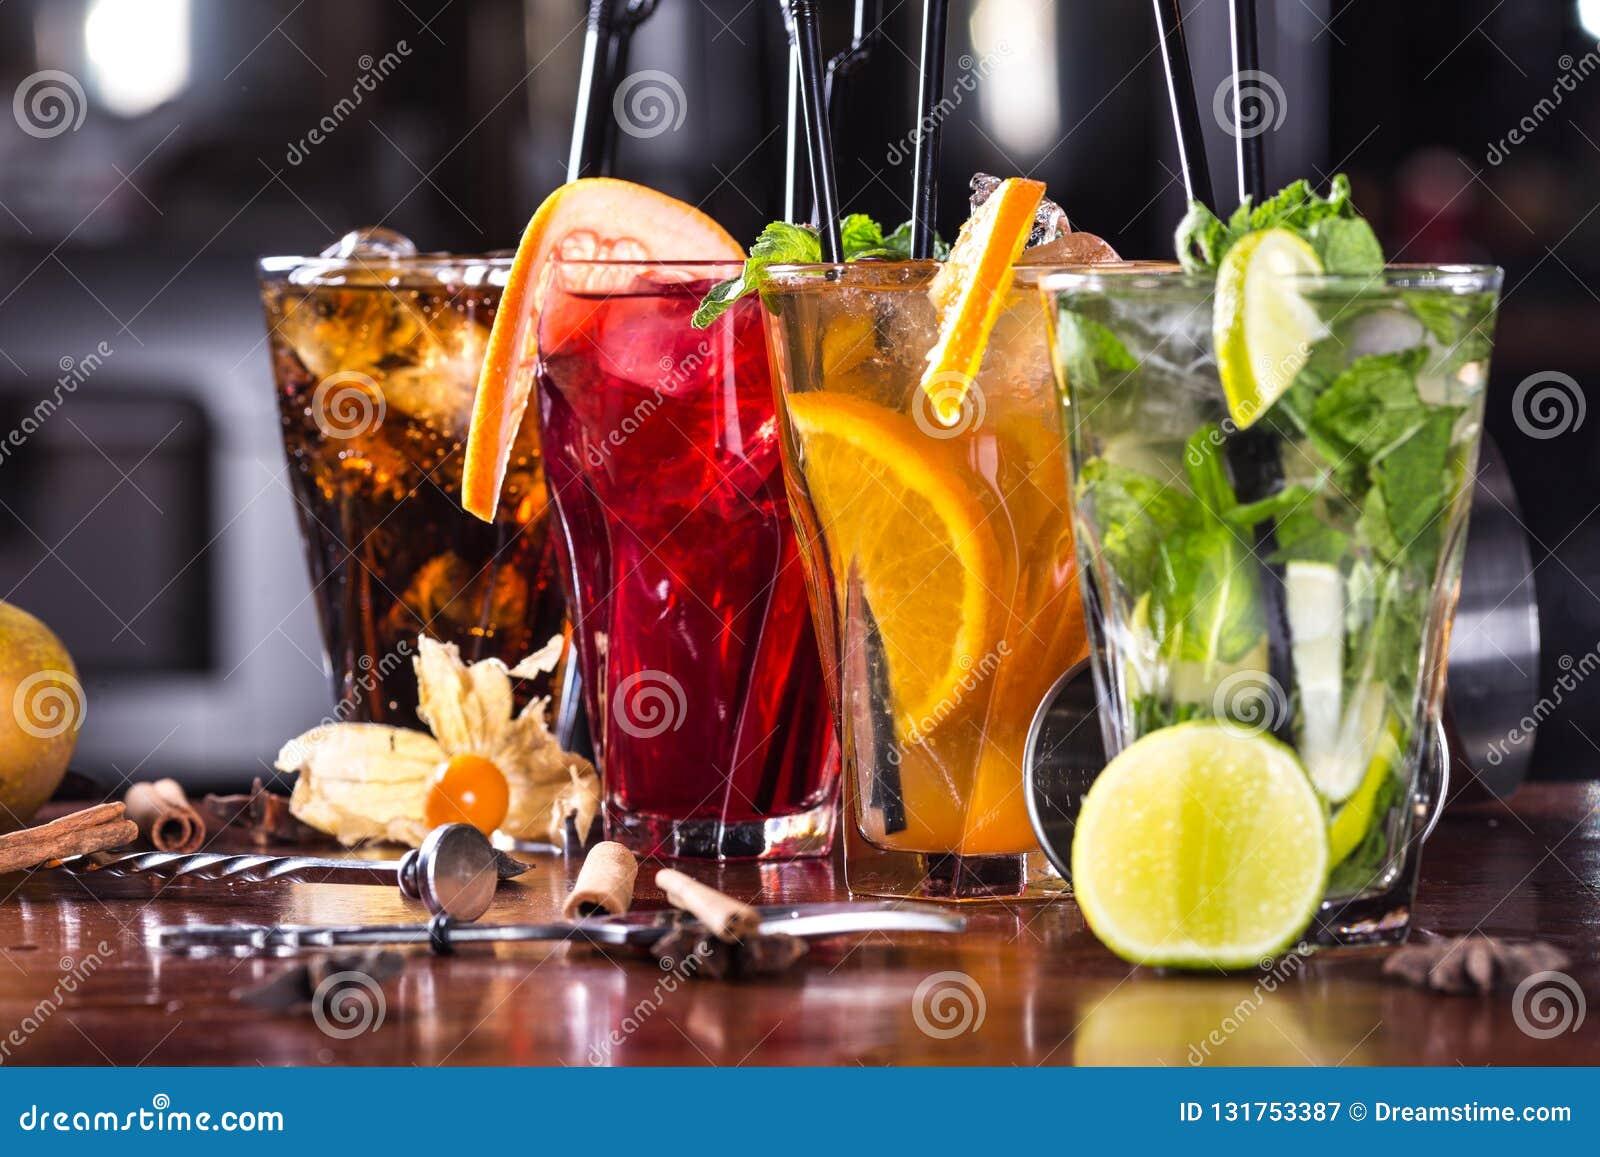 薄荷的mojito鸡尾酒,橙色鸡尾酒,在玻璃玻璃的草莓鸡尾酒与秸杆 酒吧辅助部件:振动器